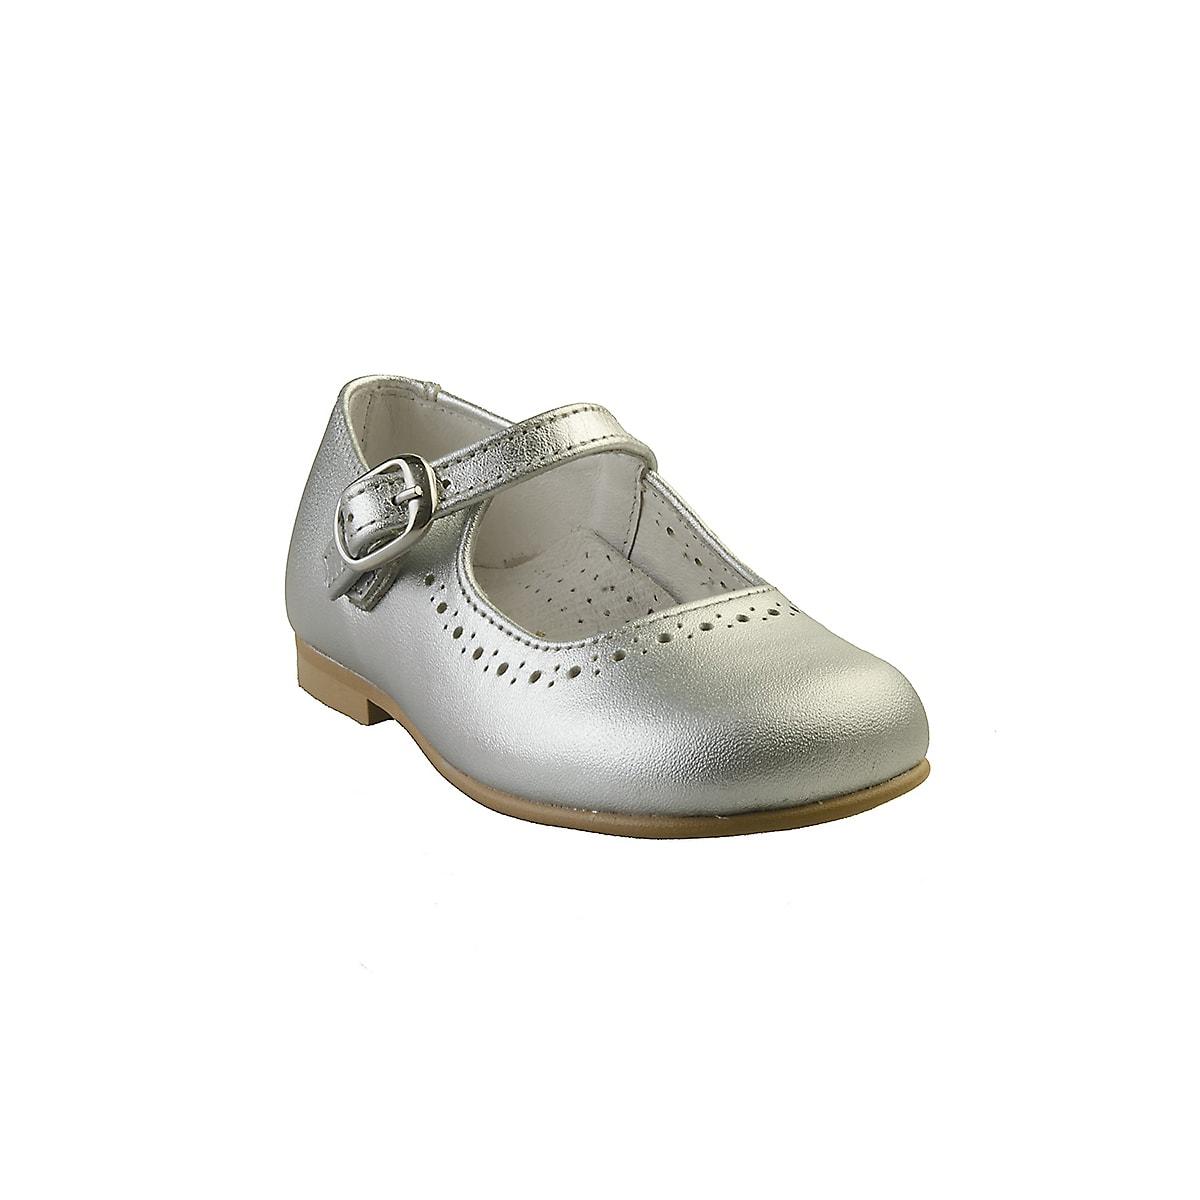 e547f32bdb6 Sølv ballerina sko med lille hæl - Ægte skind - Alerin